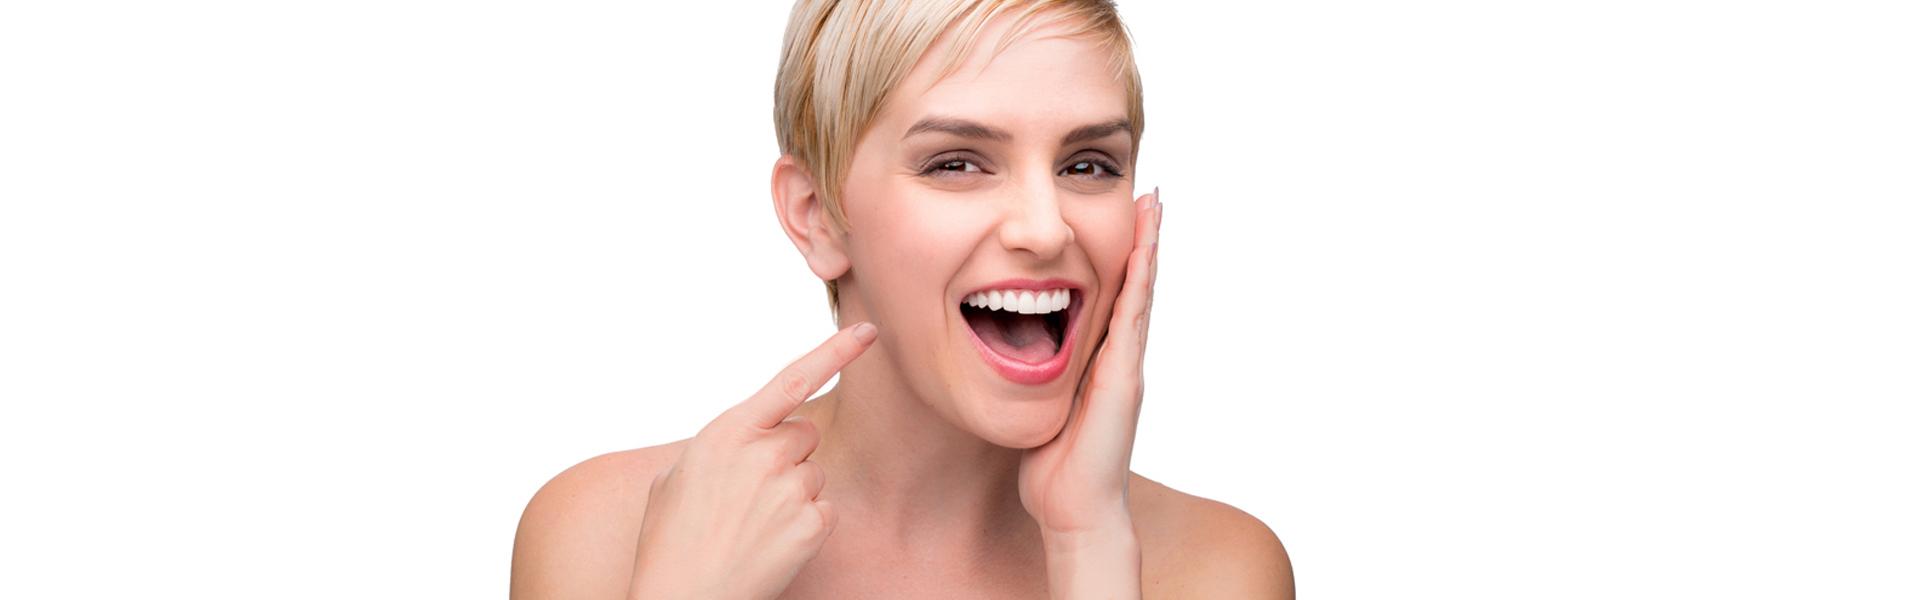 Uses of Dental Crowns in Dentistry